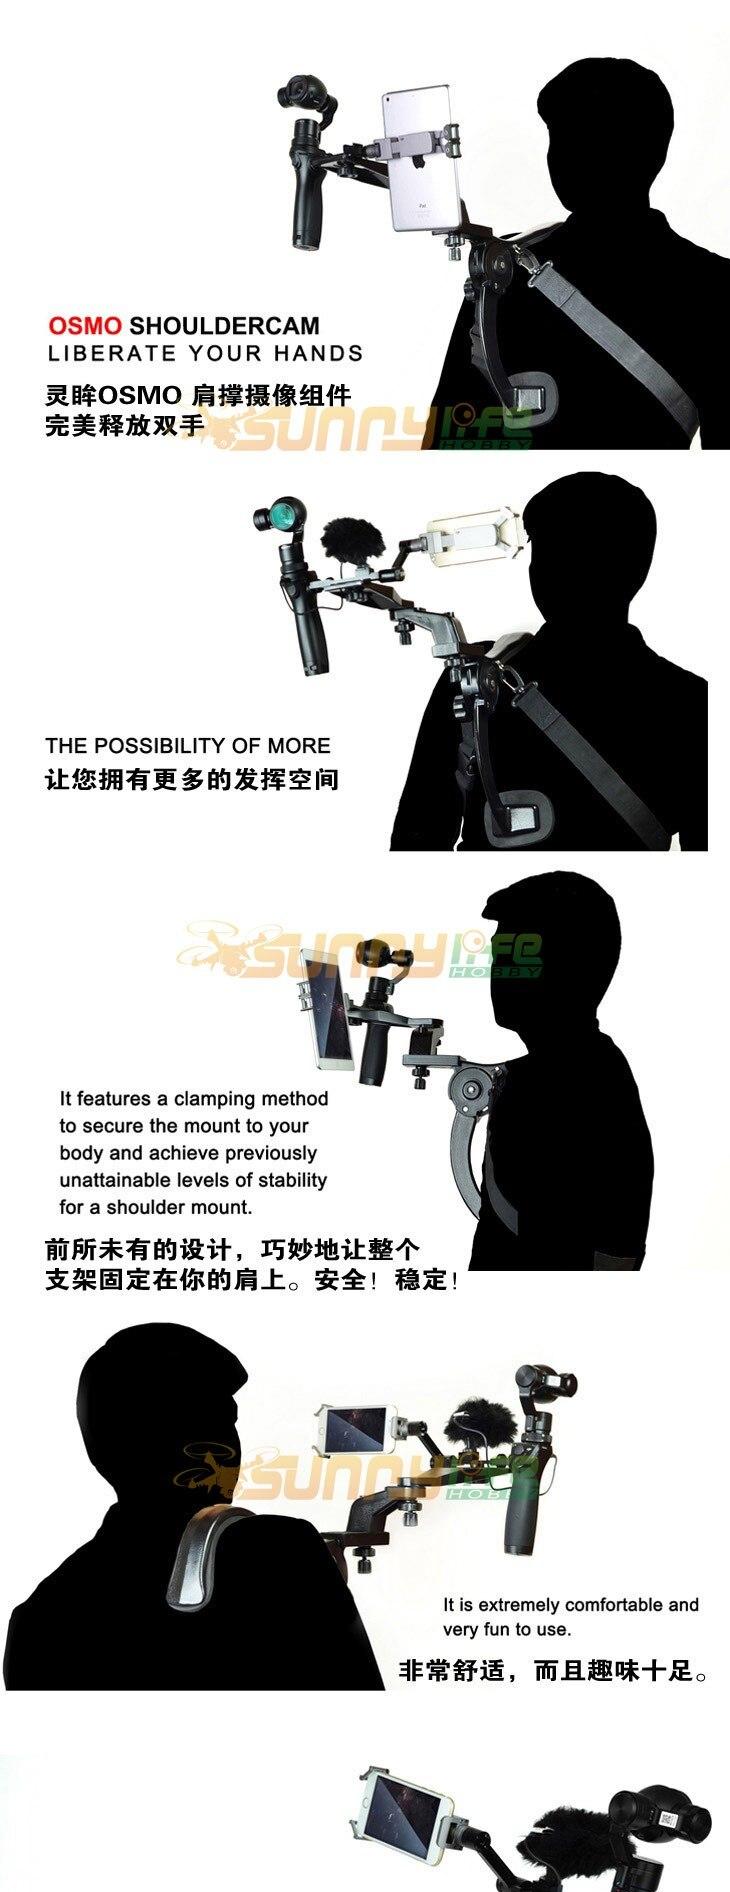 כתף הר בעל כתף מצלמה תמיכה לשחרר את היד על אוסמו(+)/ אוסמו ניידים